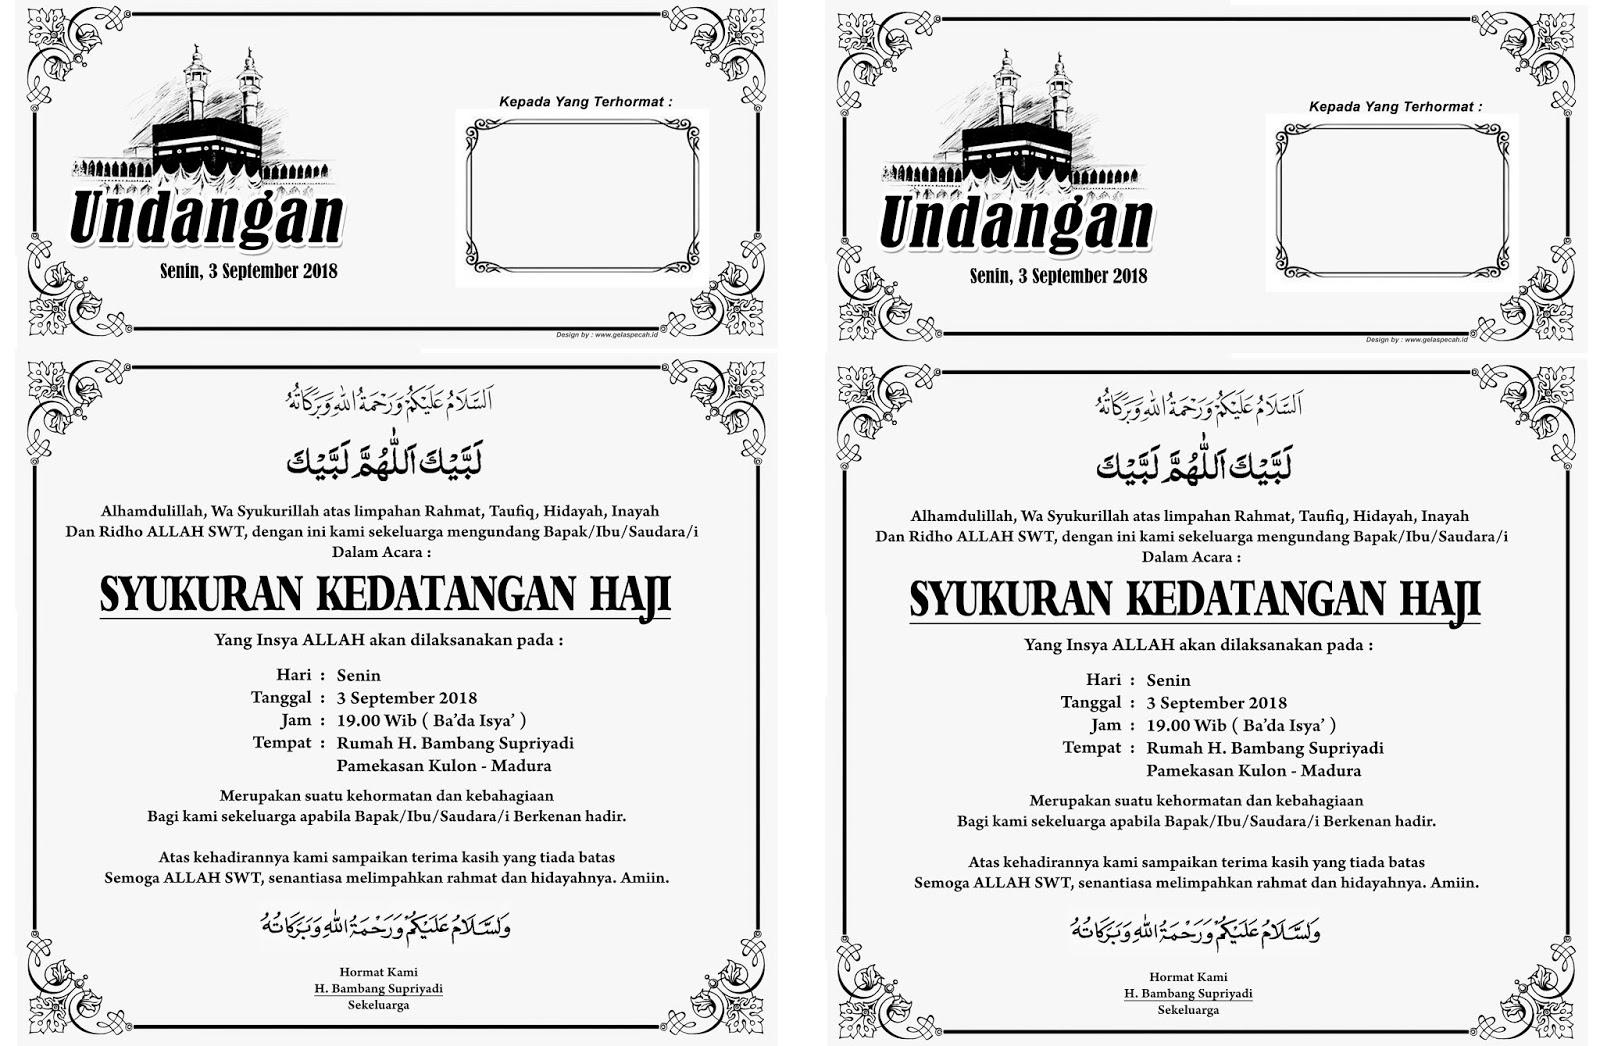 Contoh Undangan Kedatangan Haji Bisa Doc Psd Cdr Png Jpg